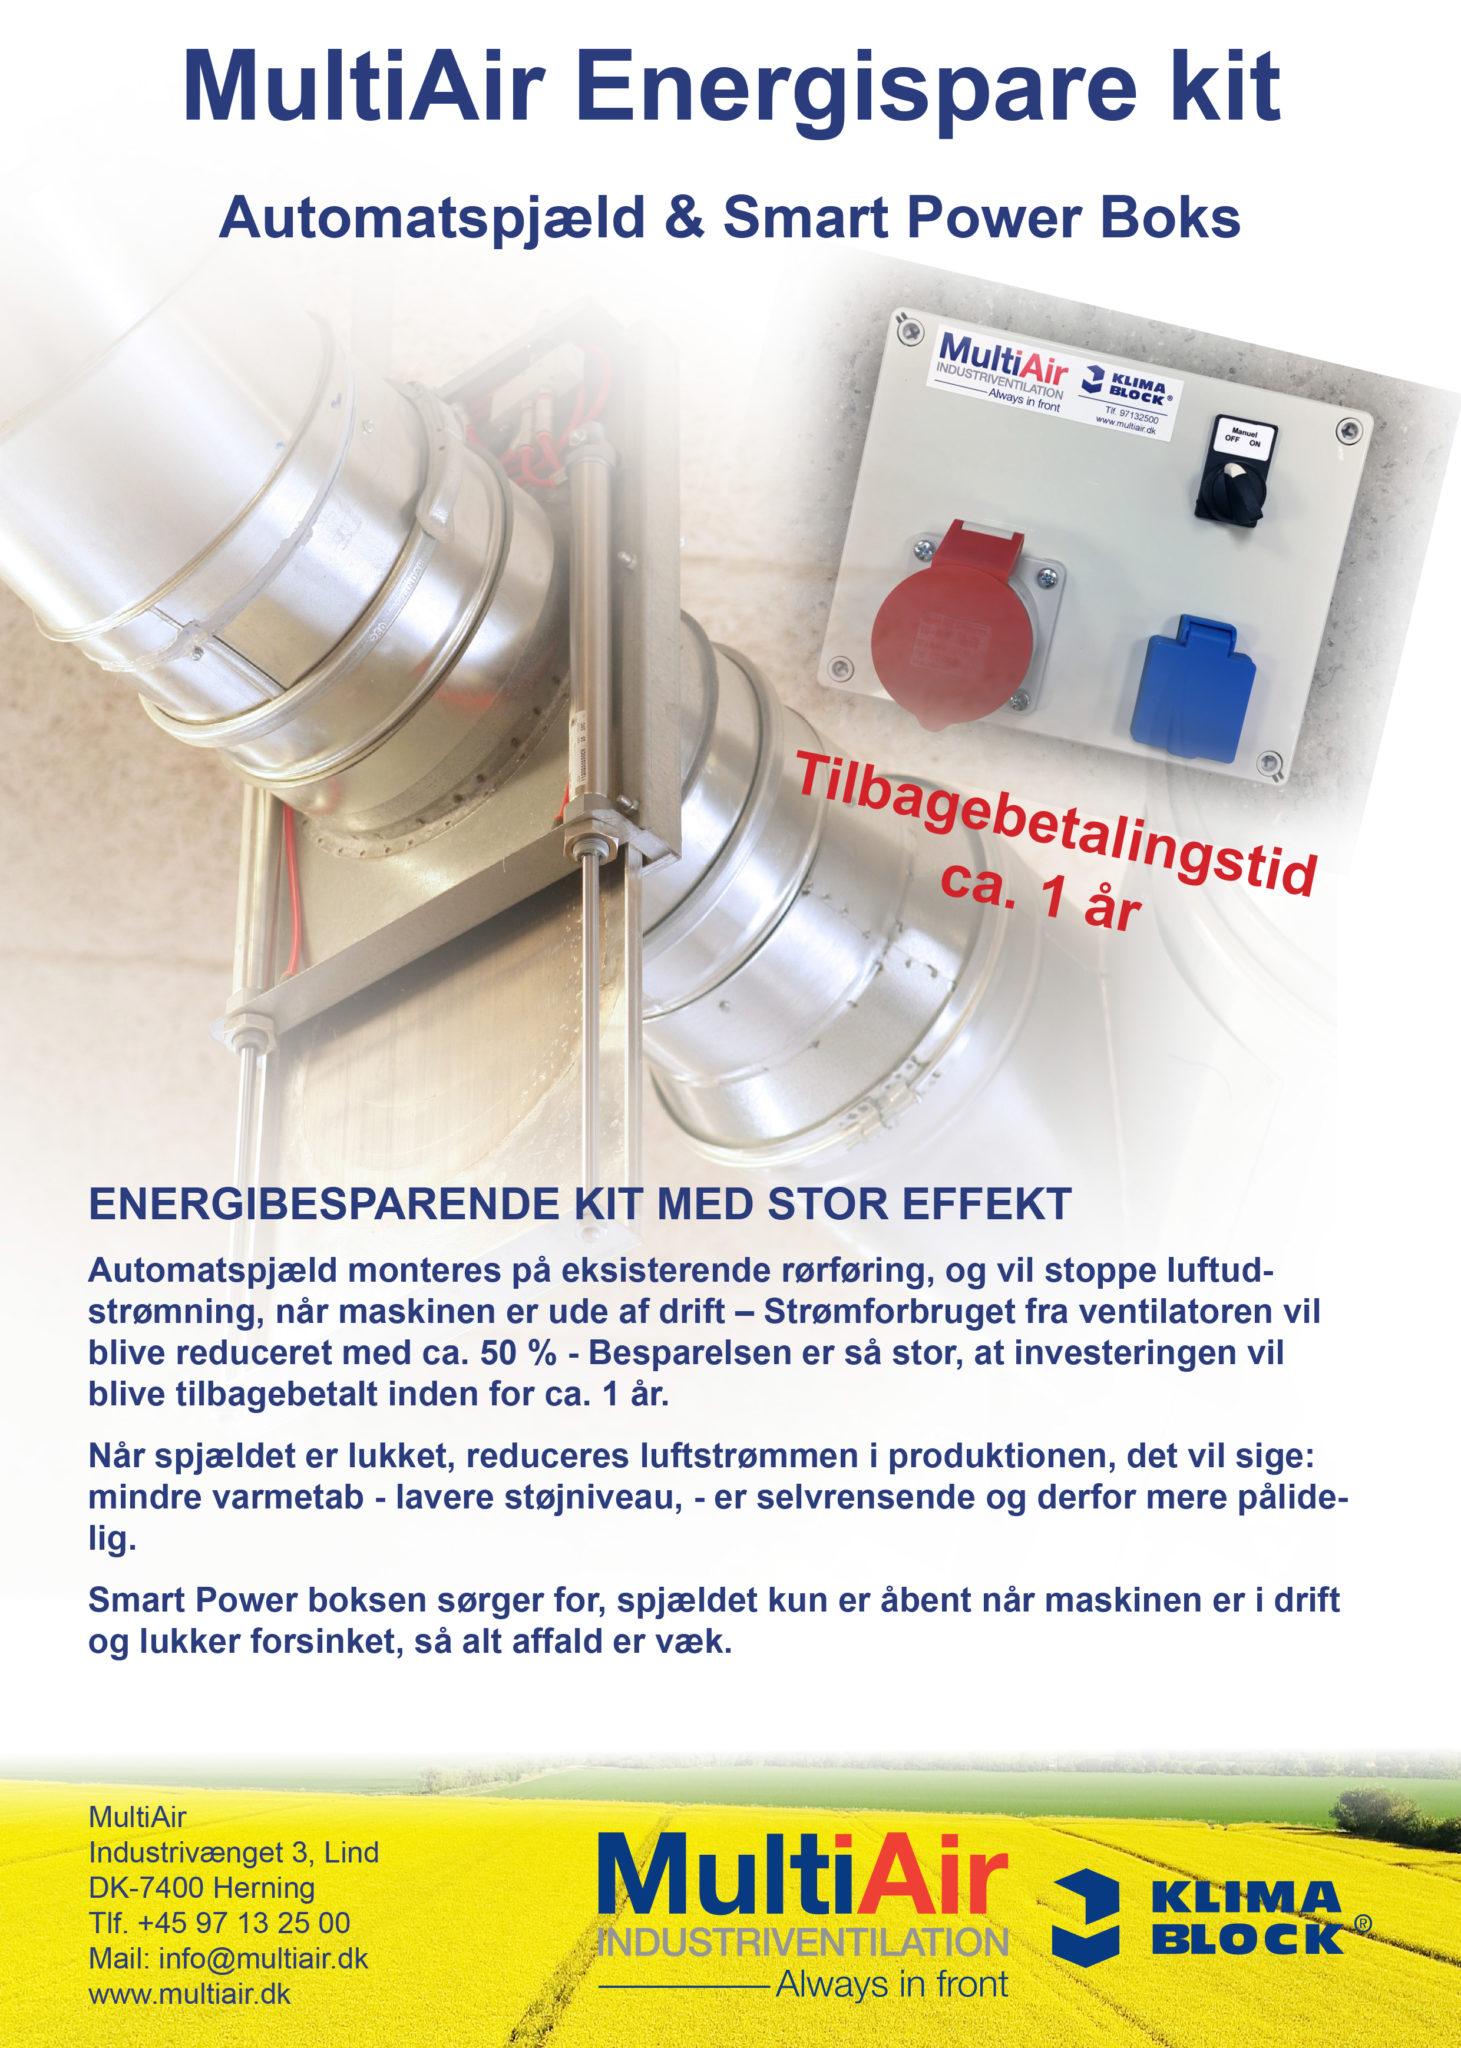 energispare-kit